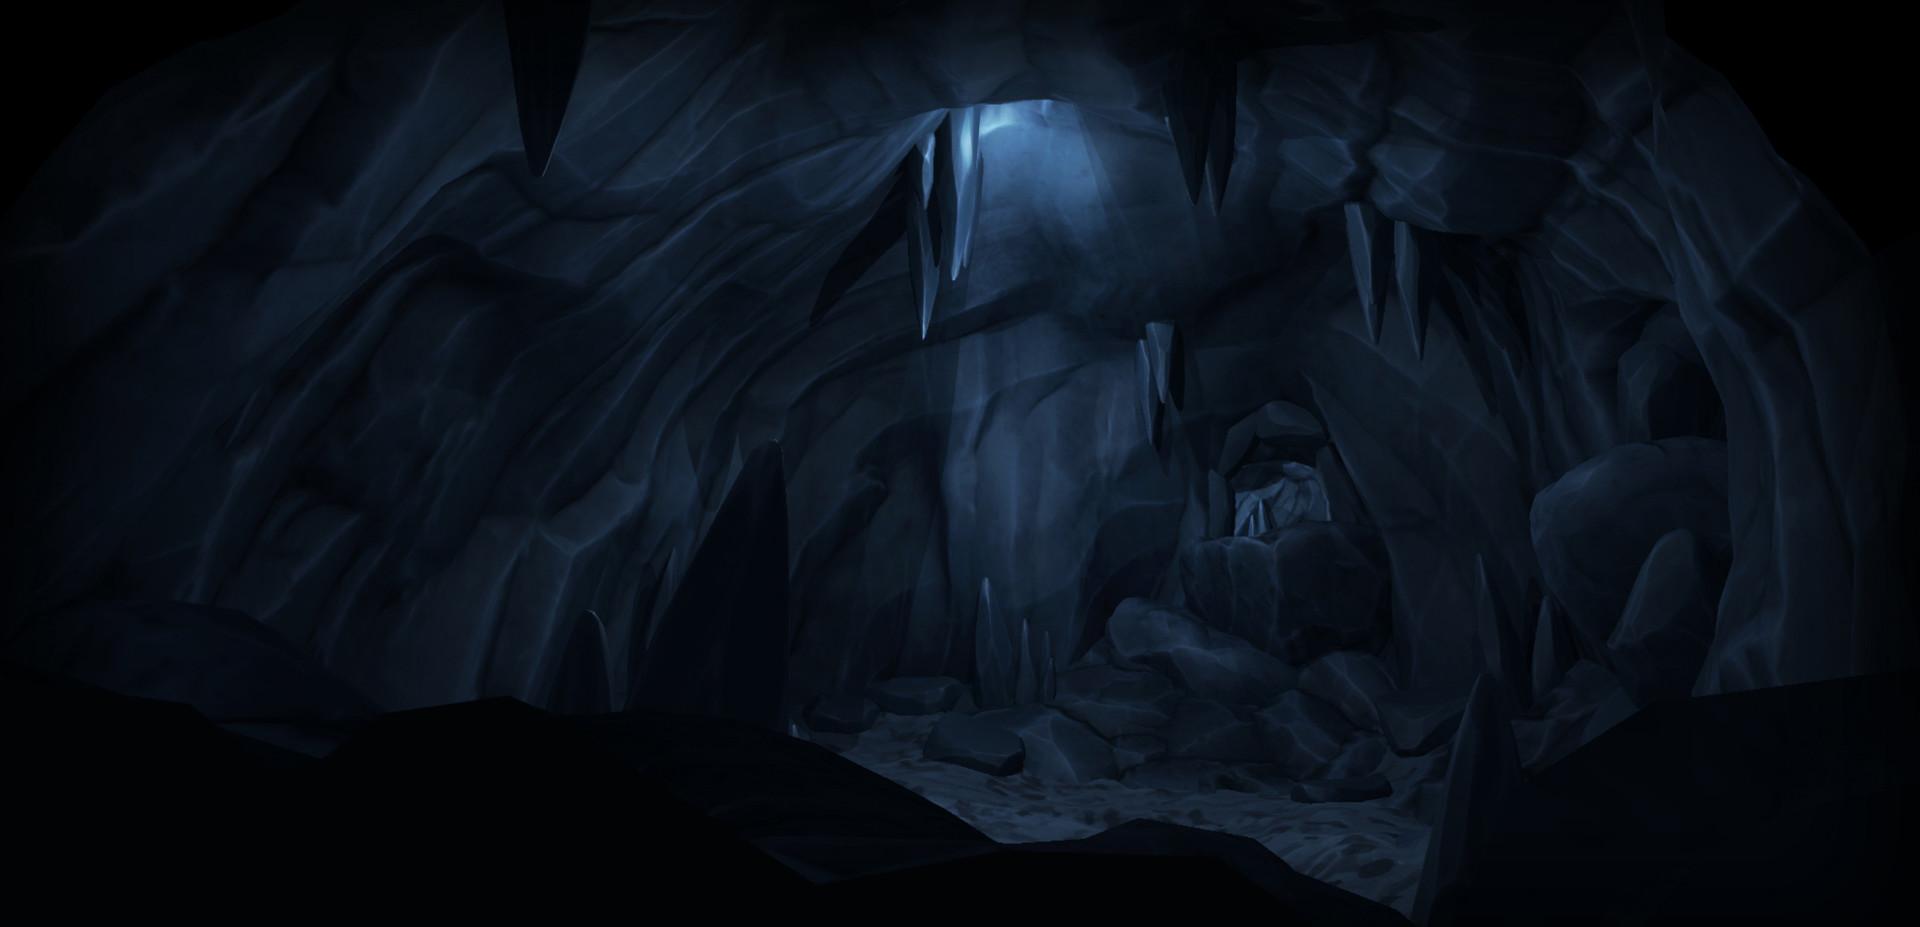 Robert max ramirez cave1